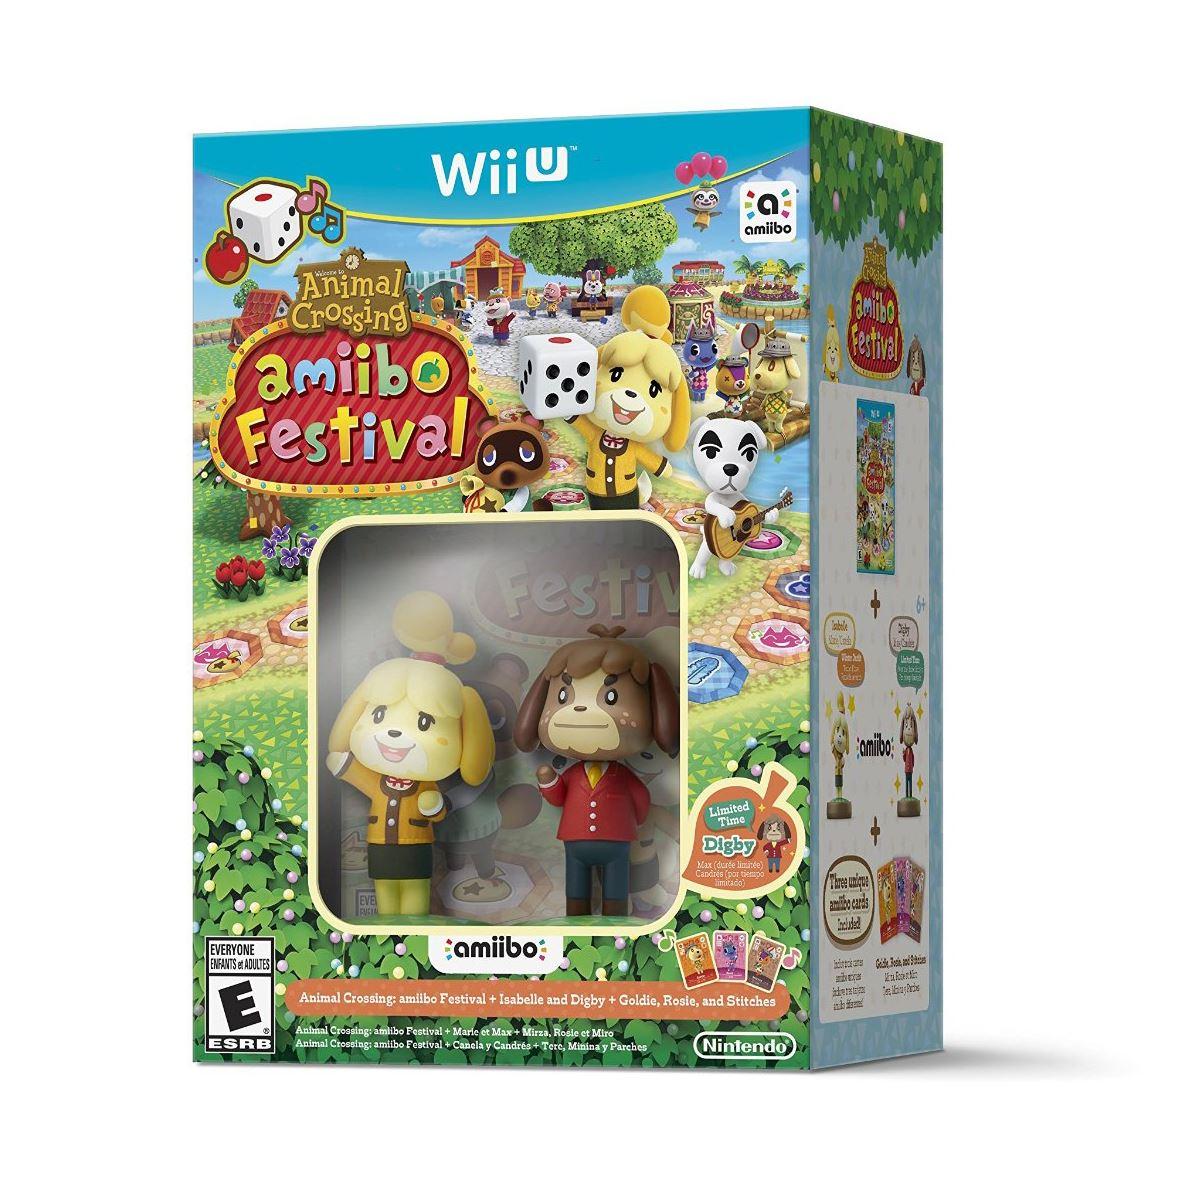 Sanborns: Animal Crossing Amiibo Festival para Wii U (Juego + 2 amiibos)